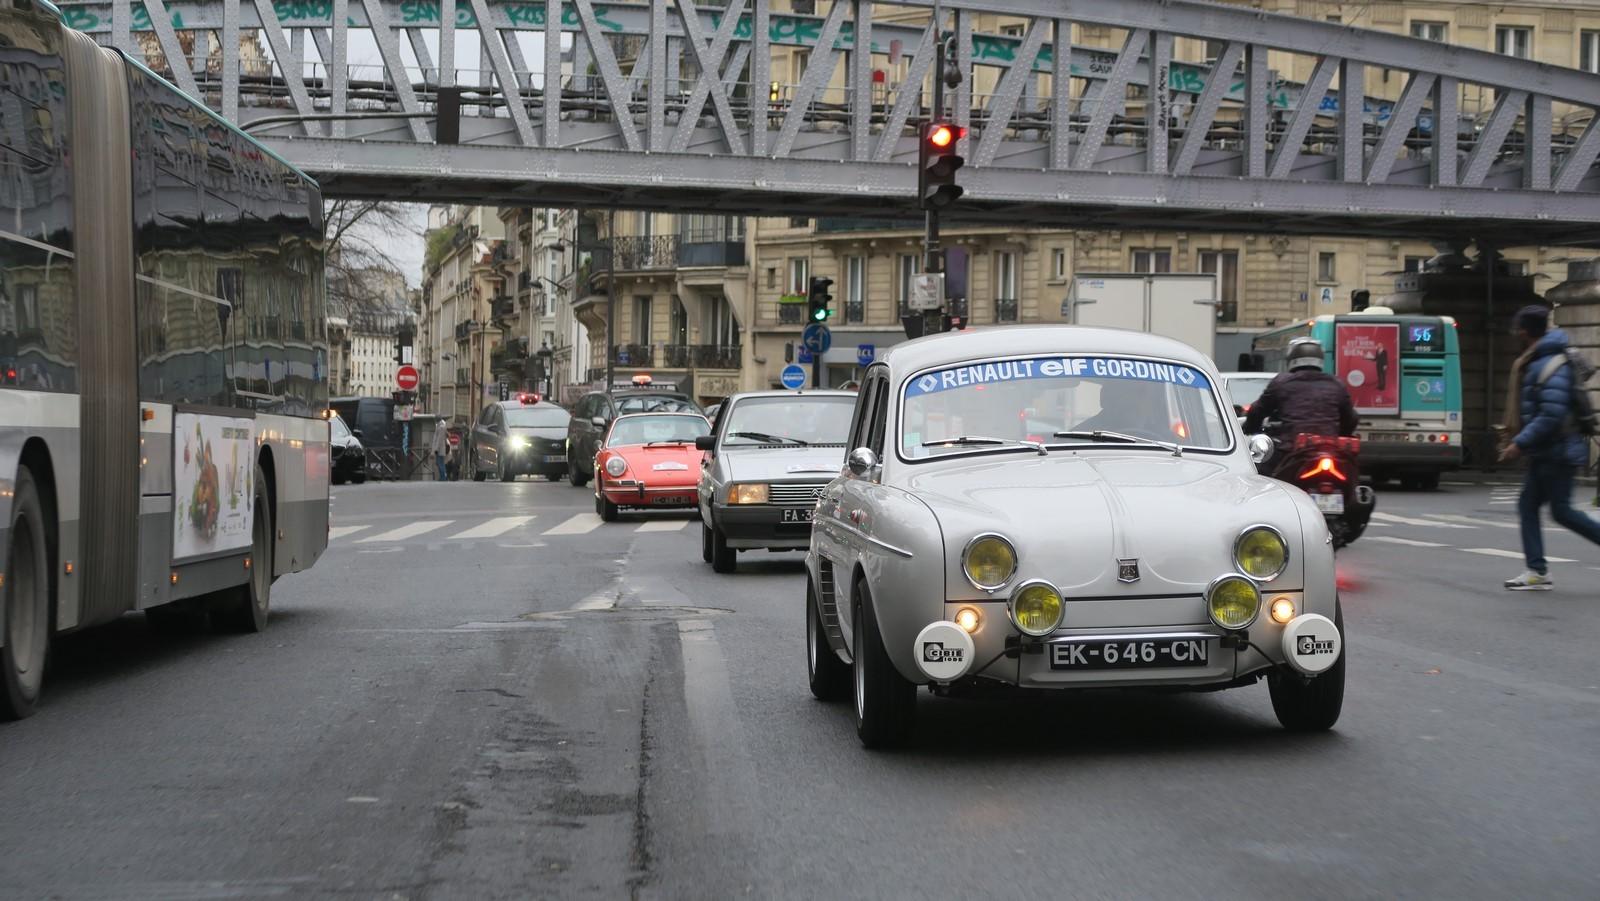 Traversee de Paris hivernale 2019 FM 20